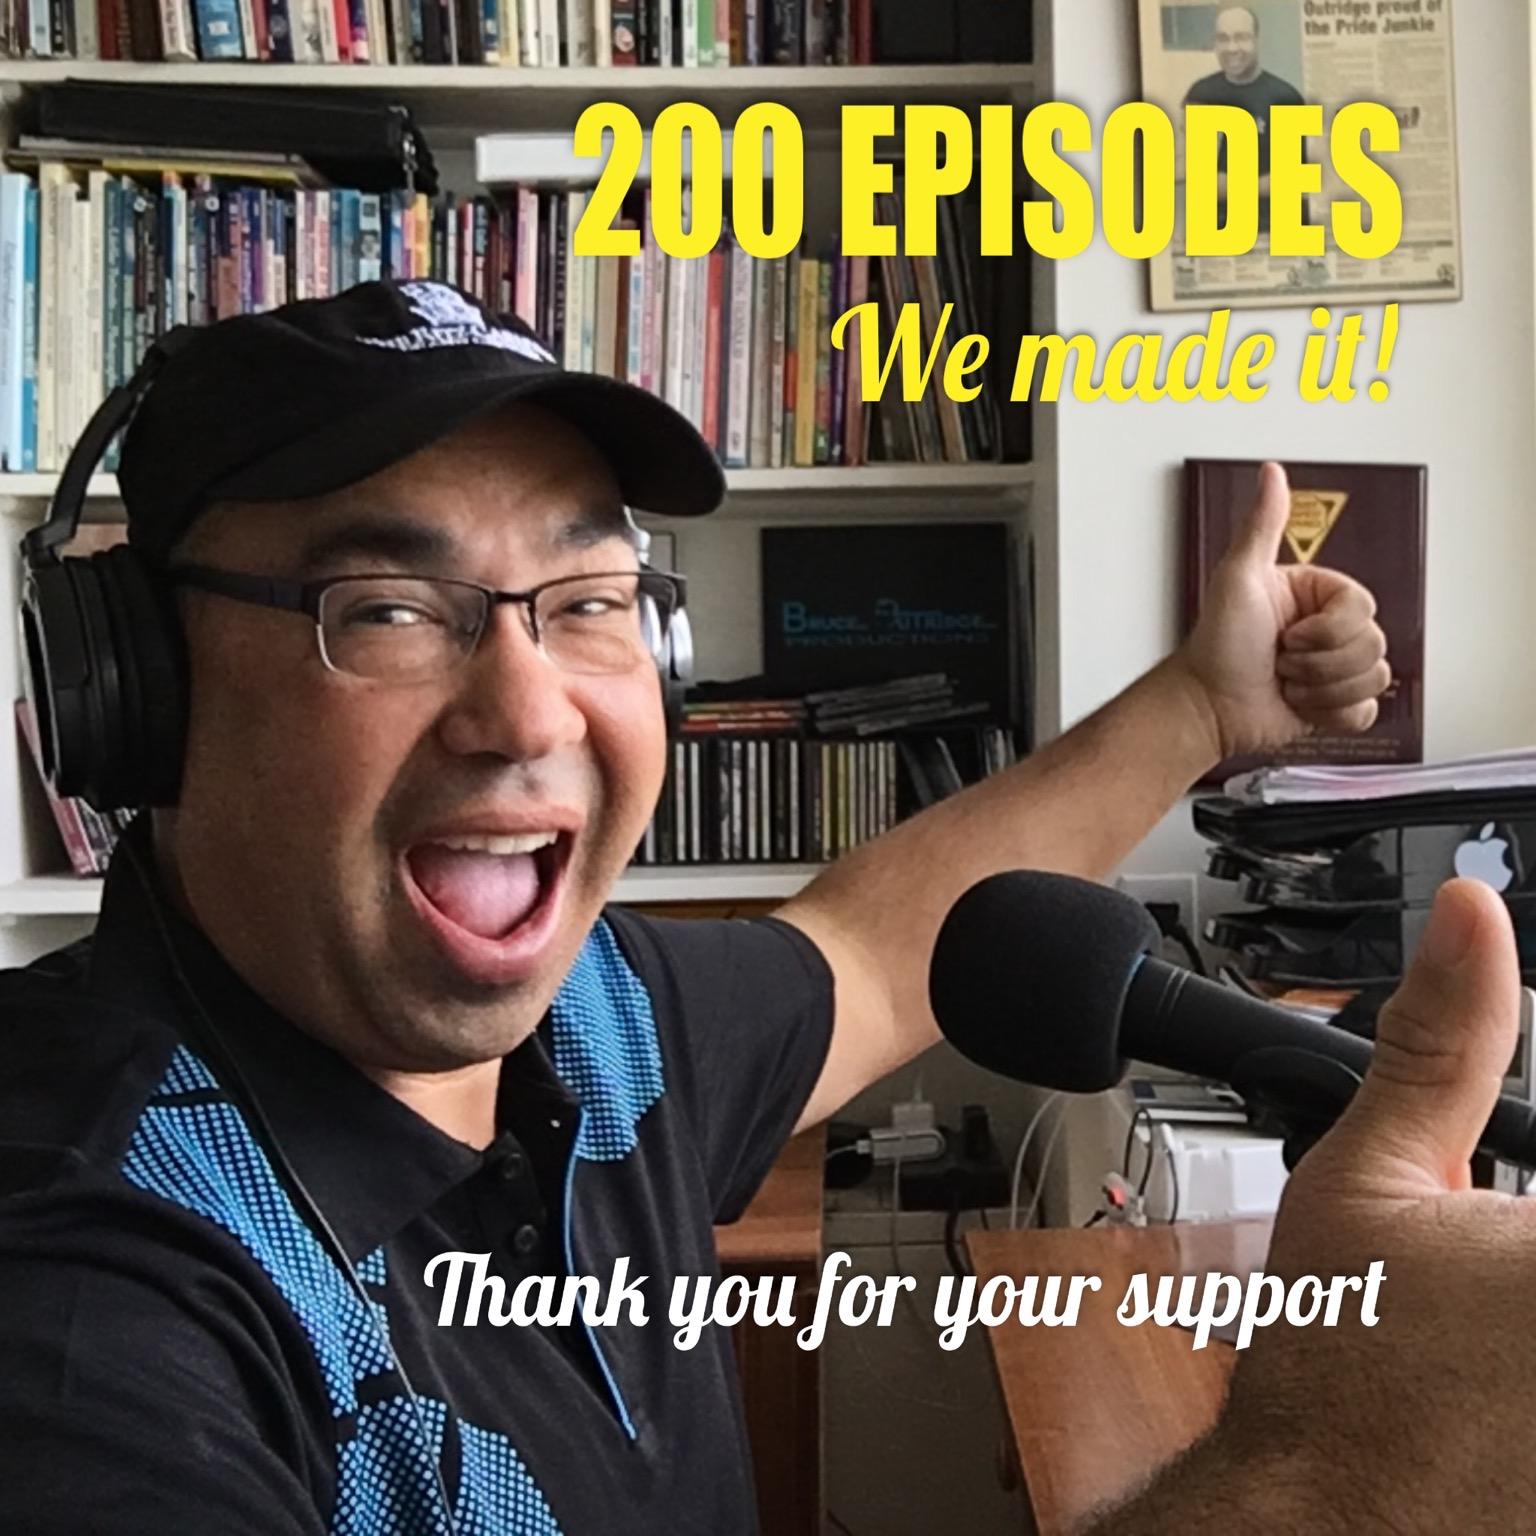 200 episodes